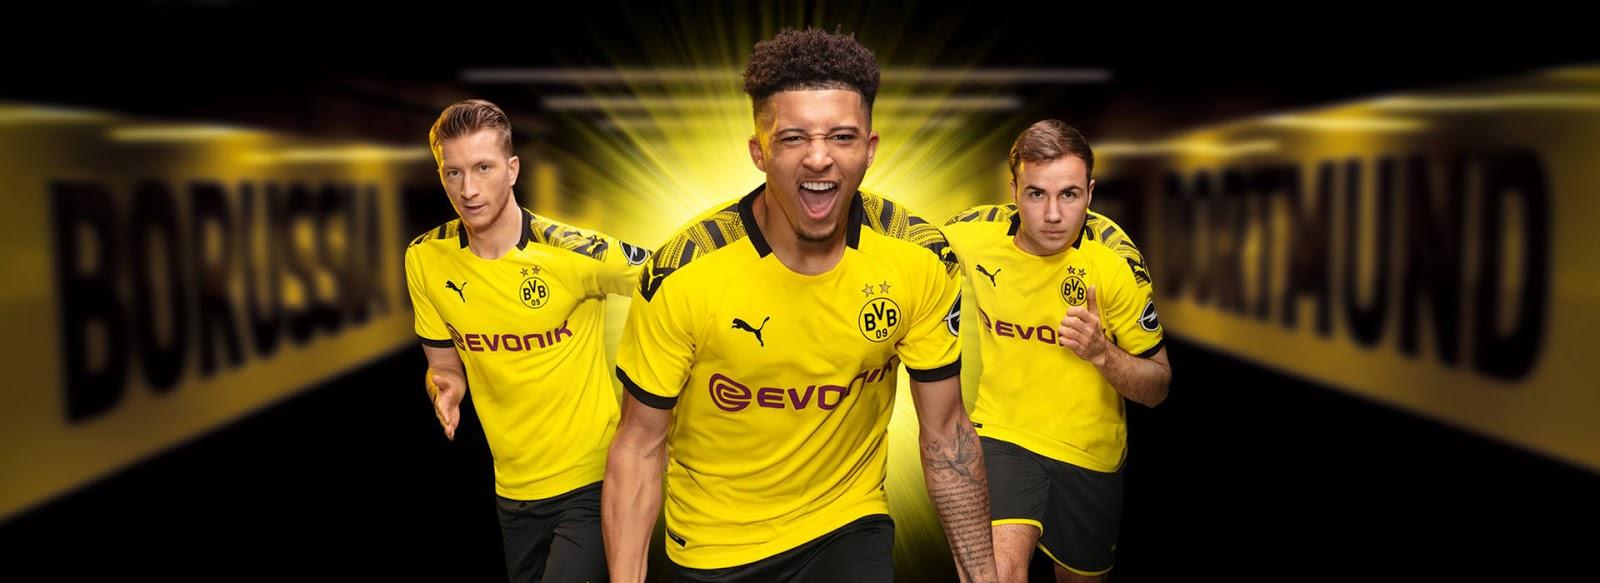 Dortmund home kit 19/20